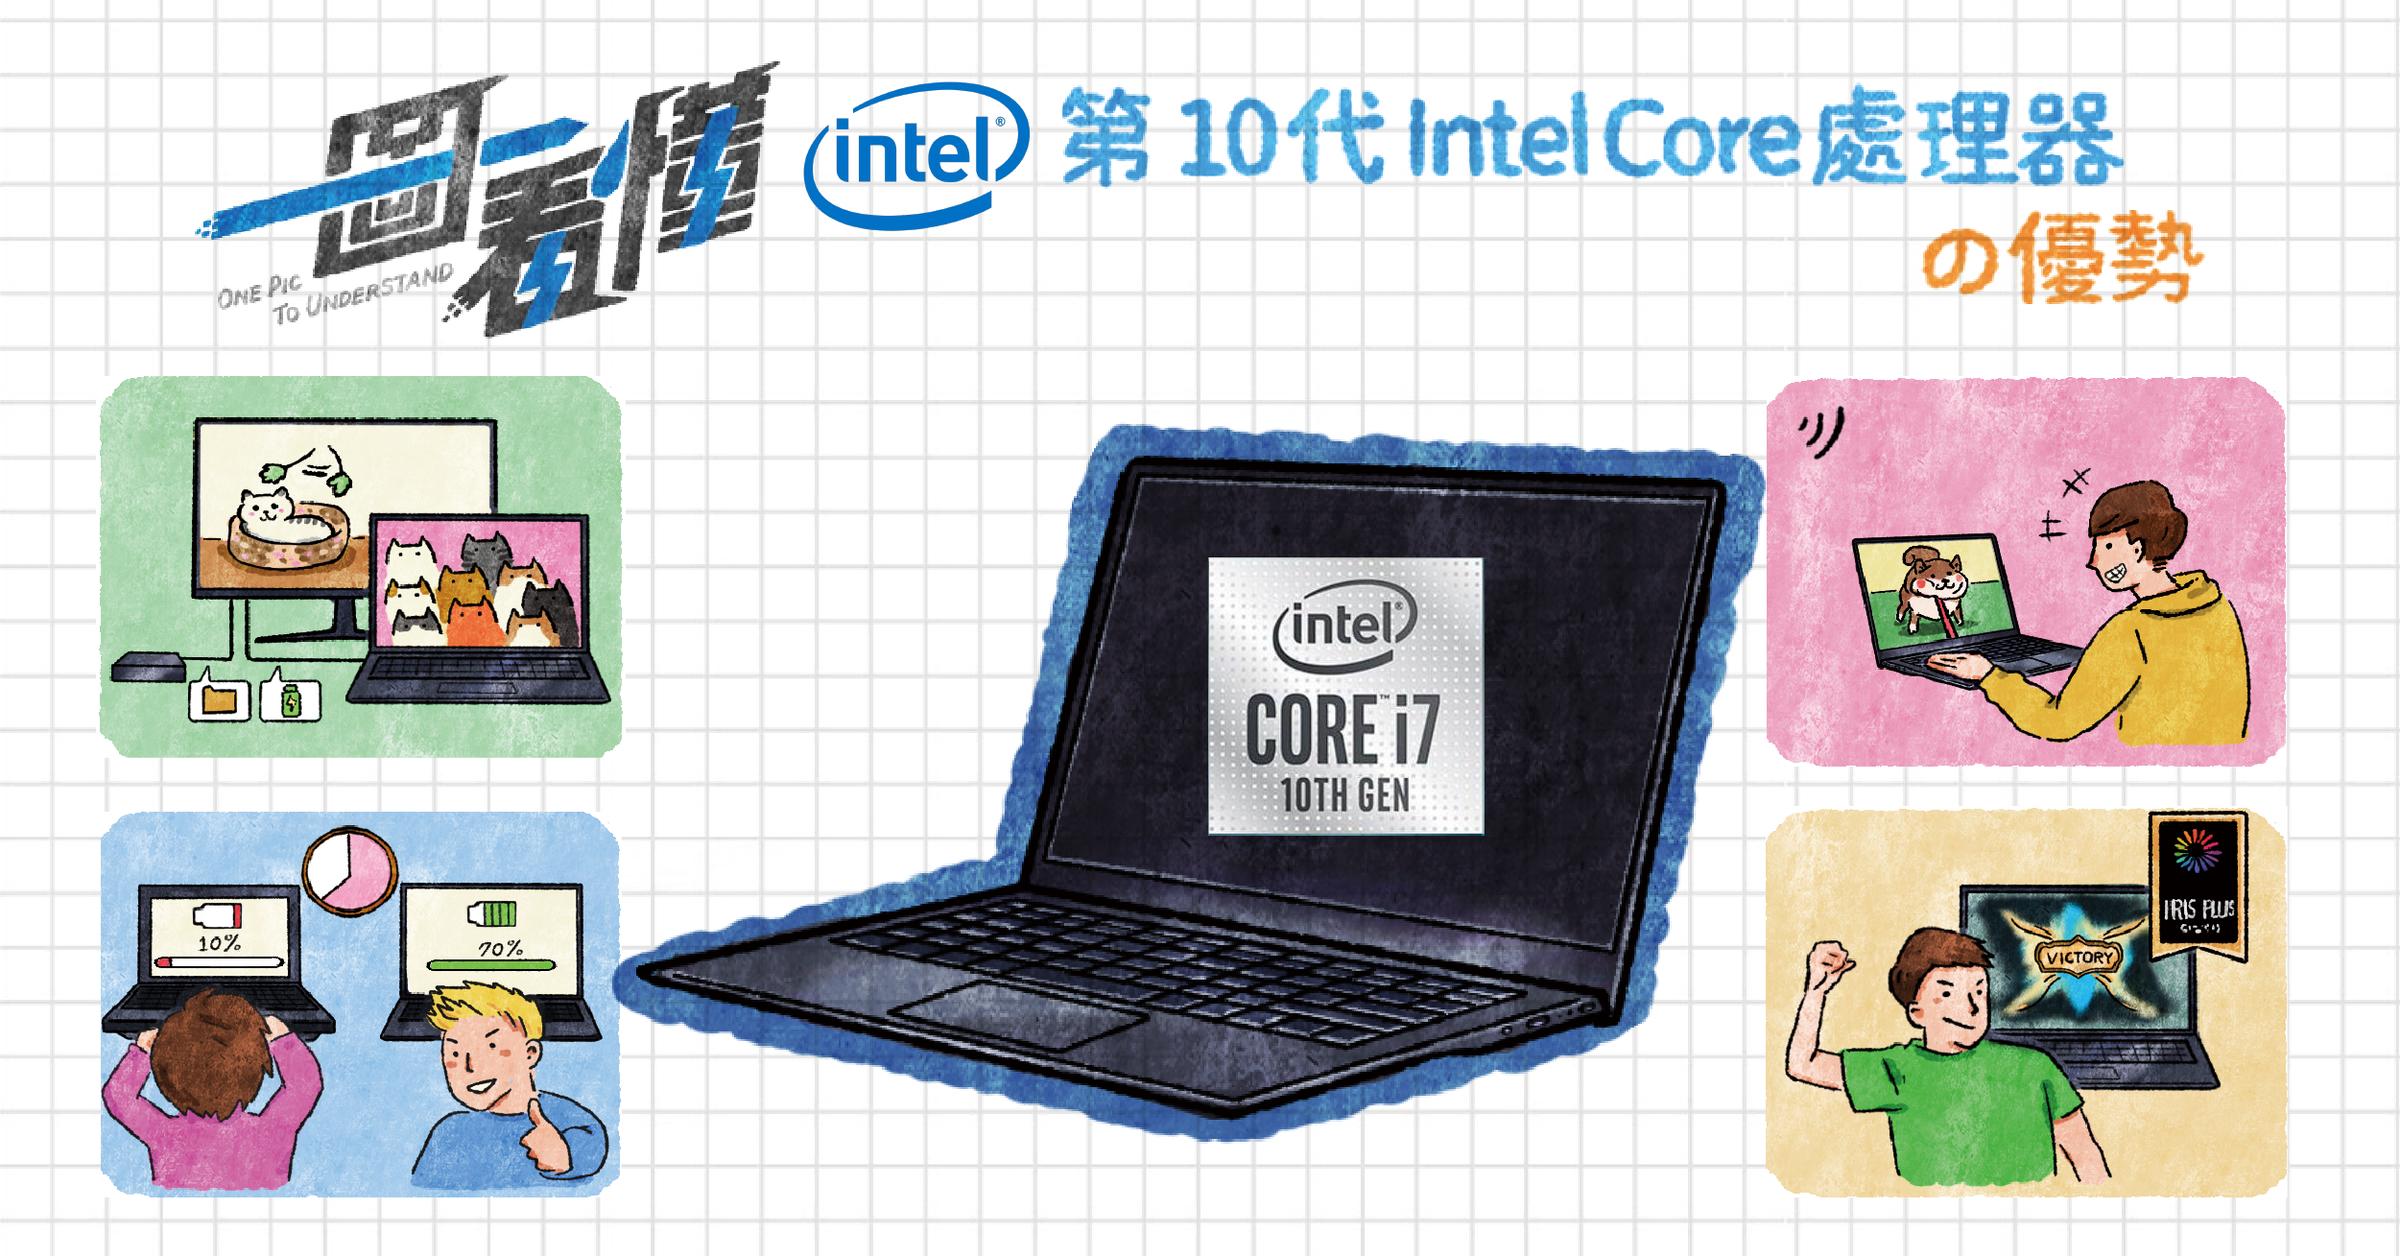 照片中提到了(intel 101t Intel Core、ONE PIC、To UNDERSTAND,跟英特爾、英特爾有關,包含了英特爾、上網本、產品設計、產品